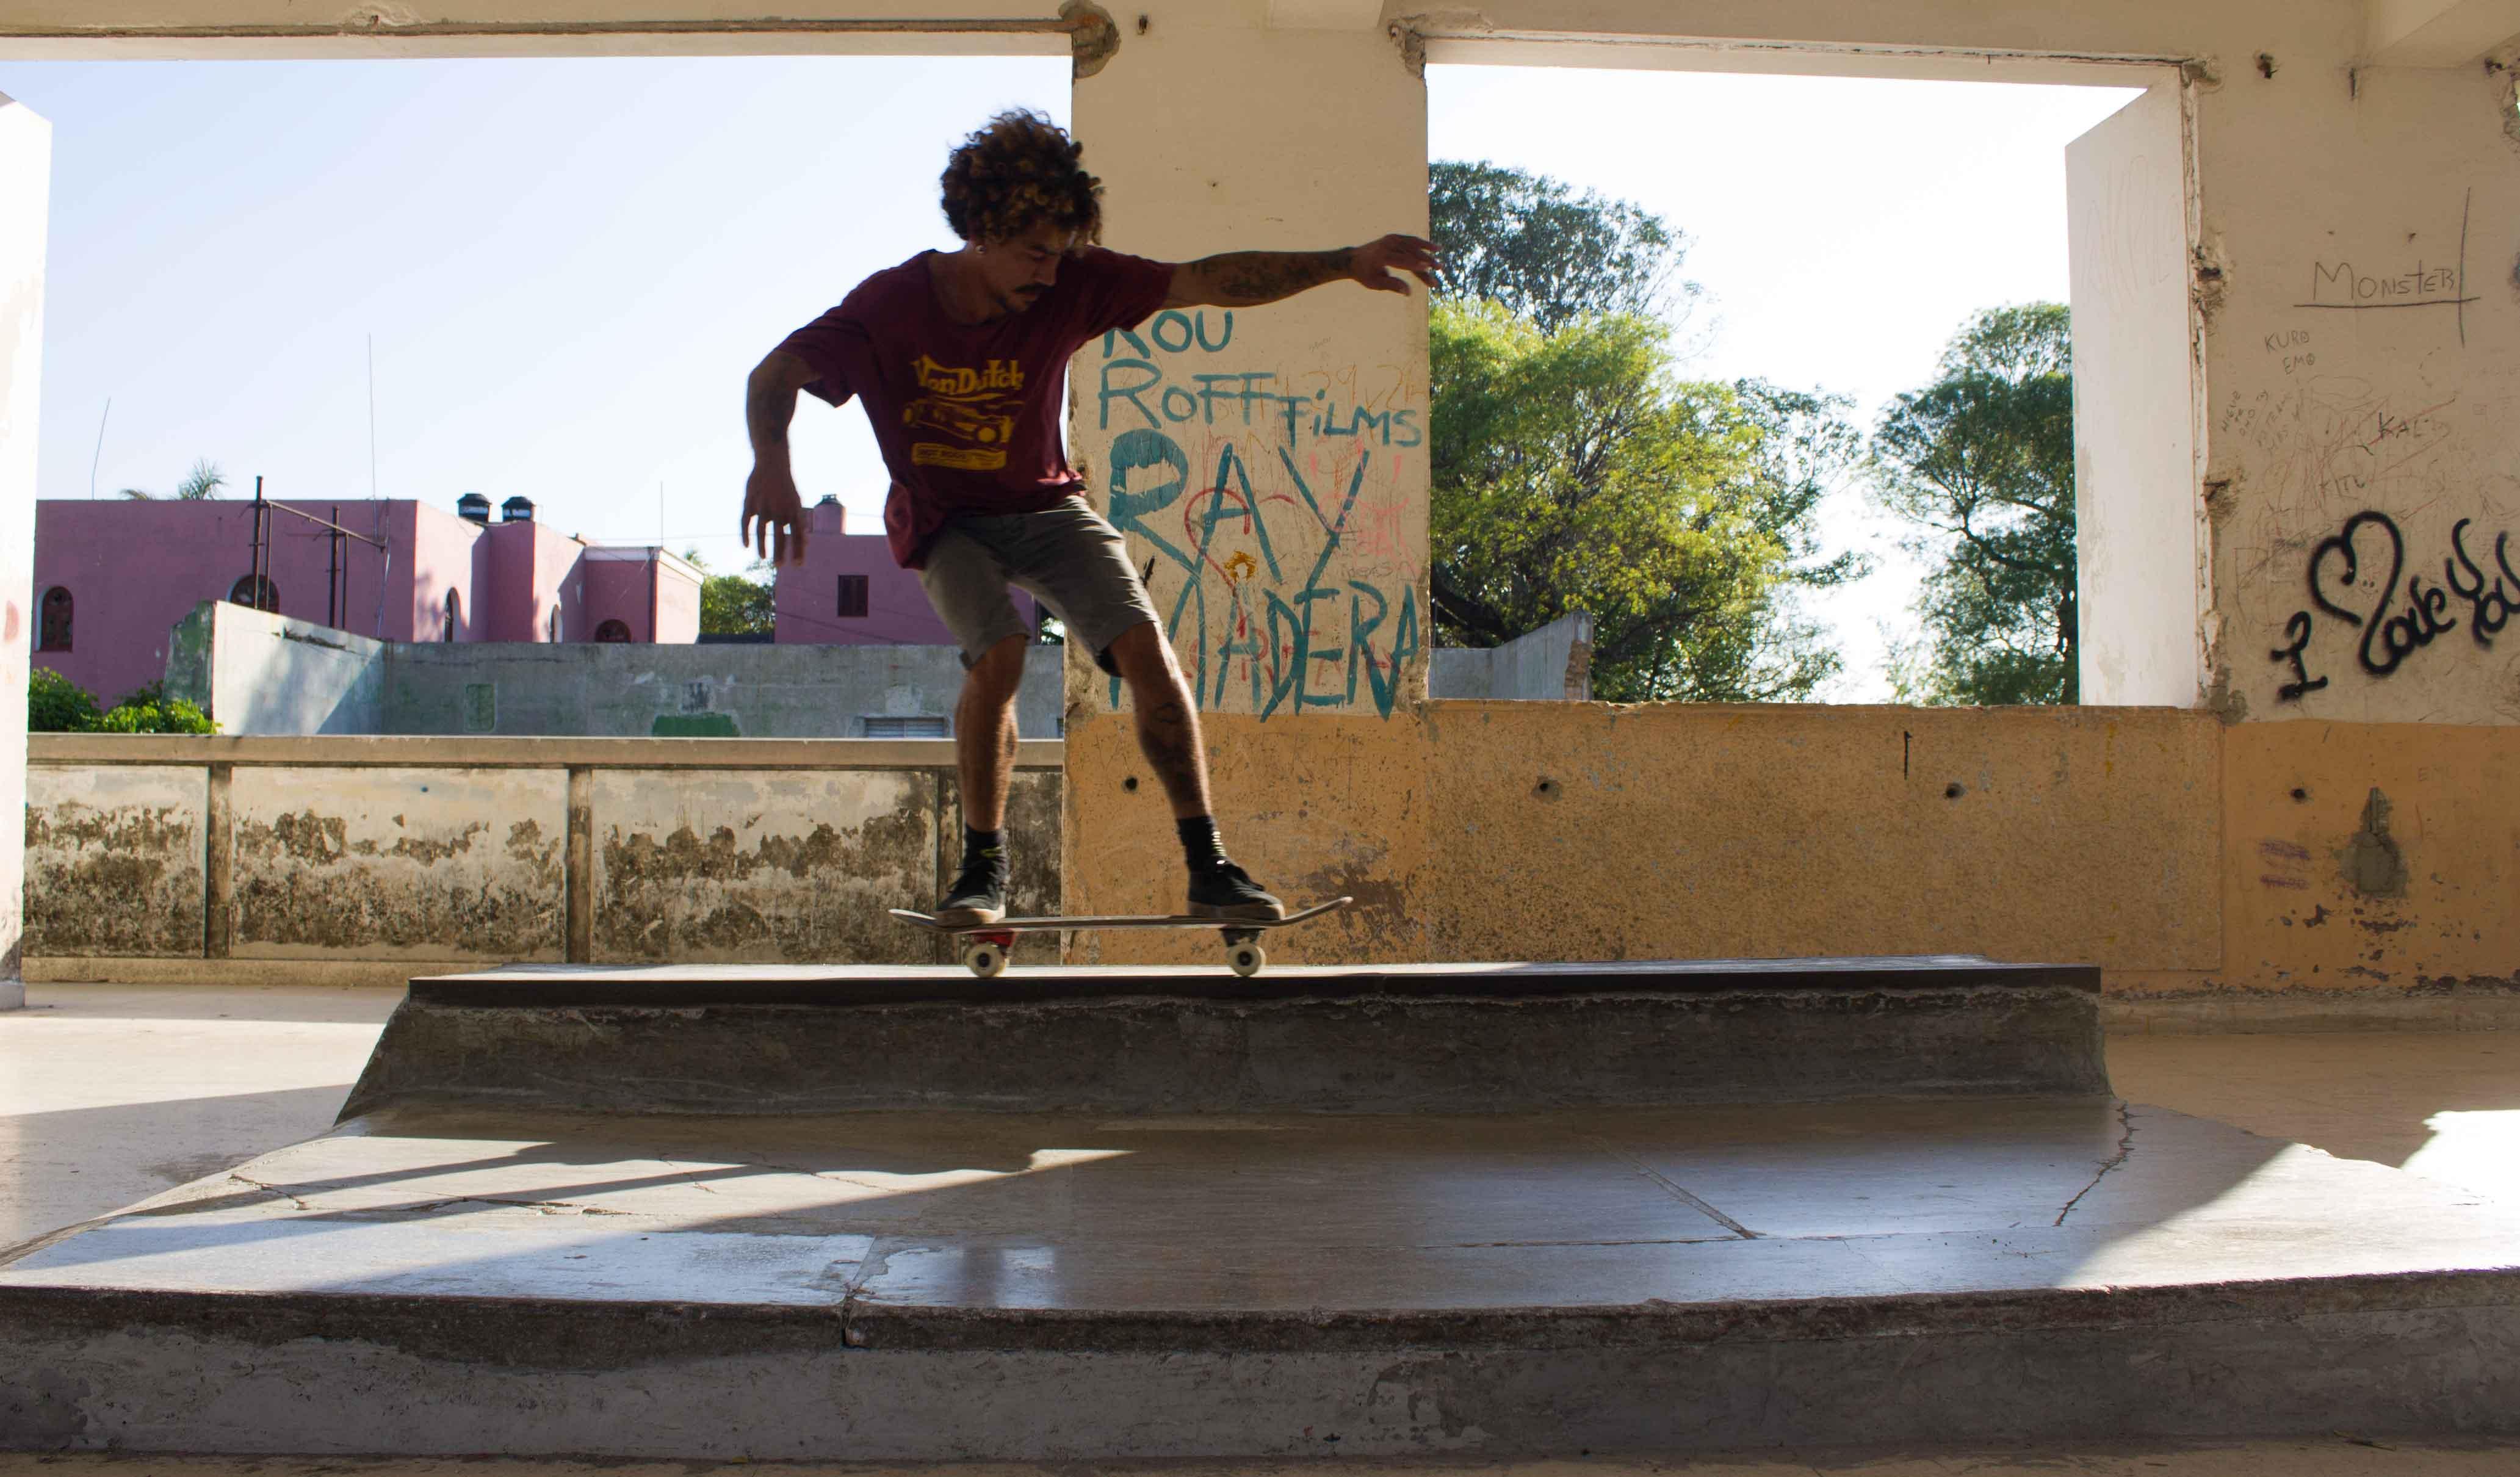 El skate en Cuba: un deporte marginado